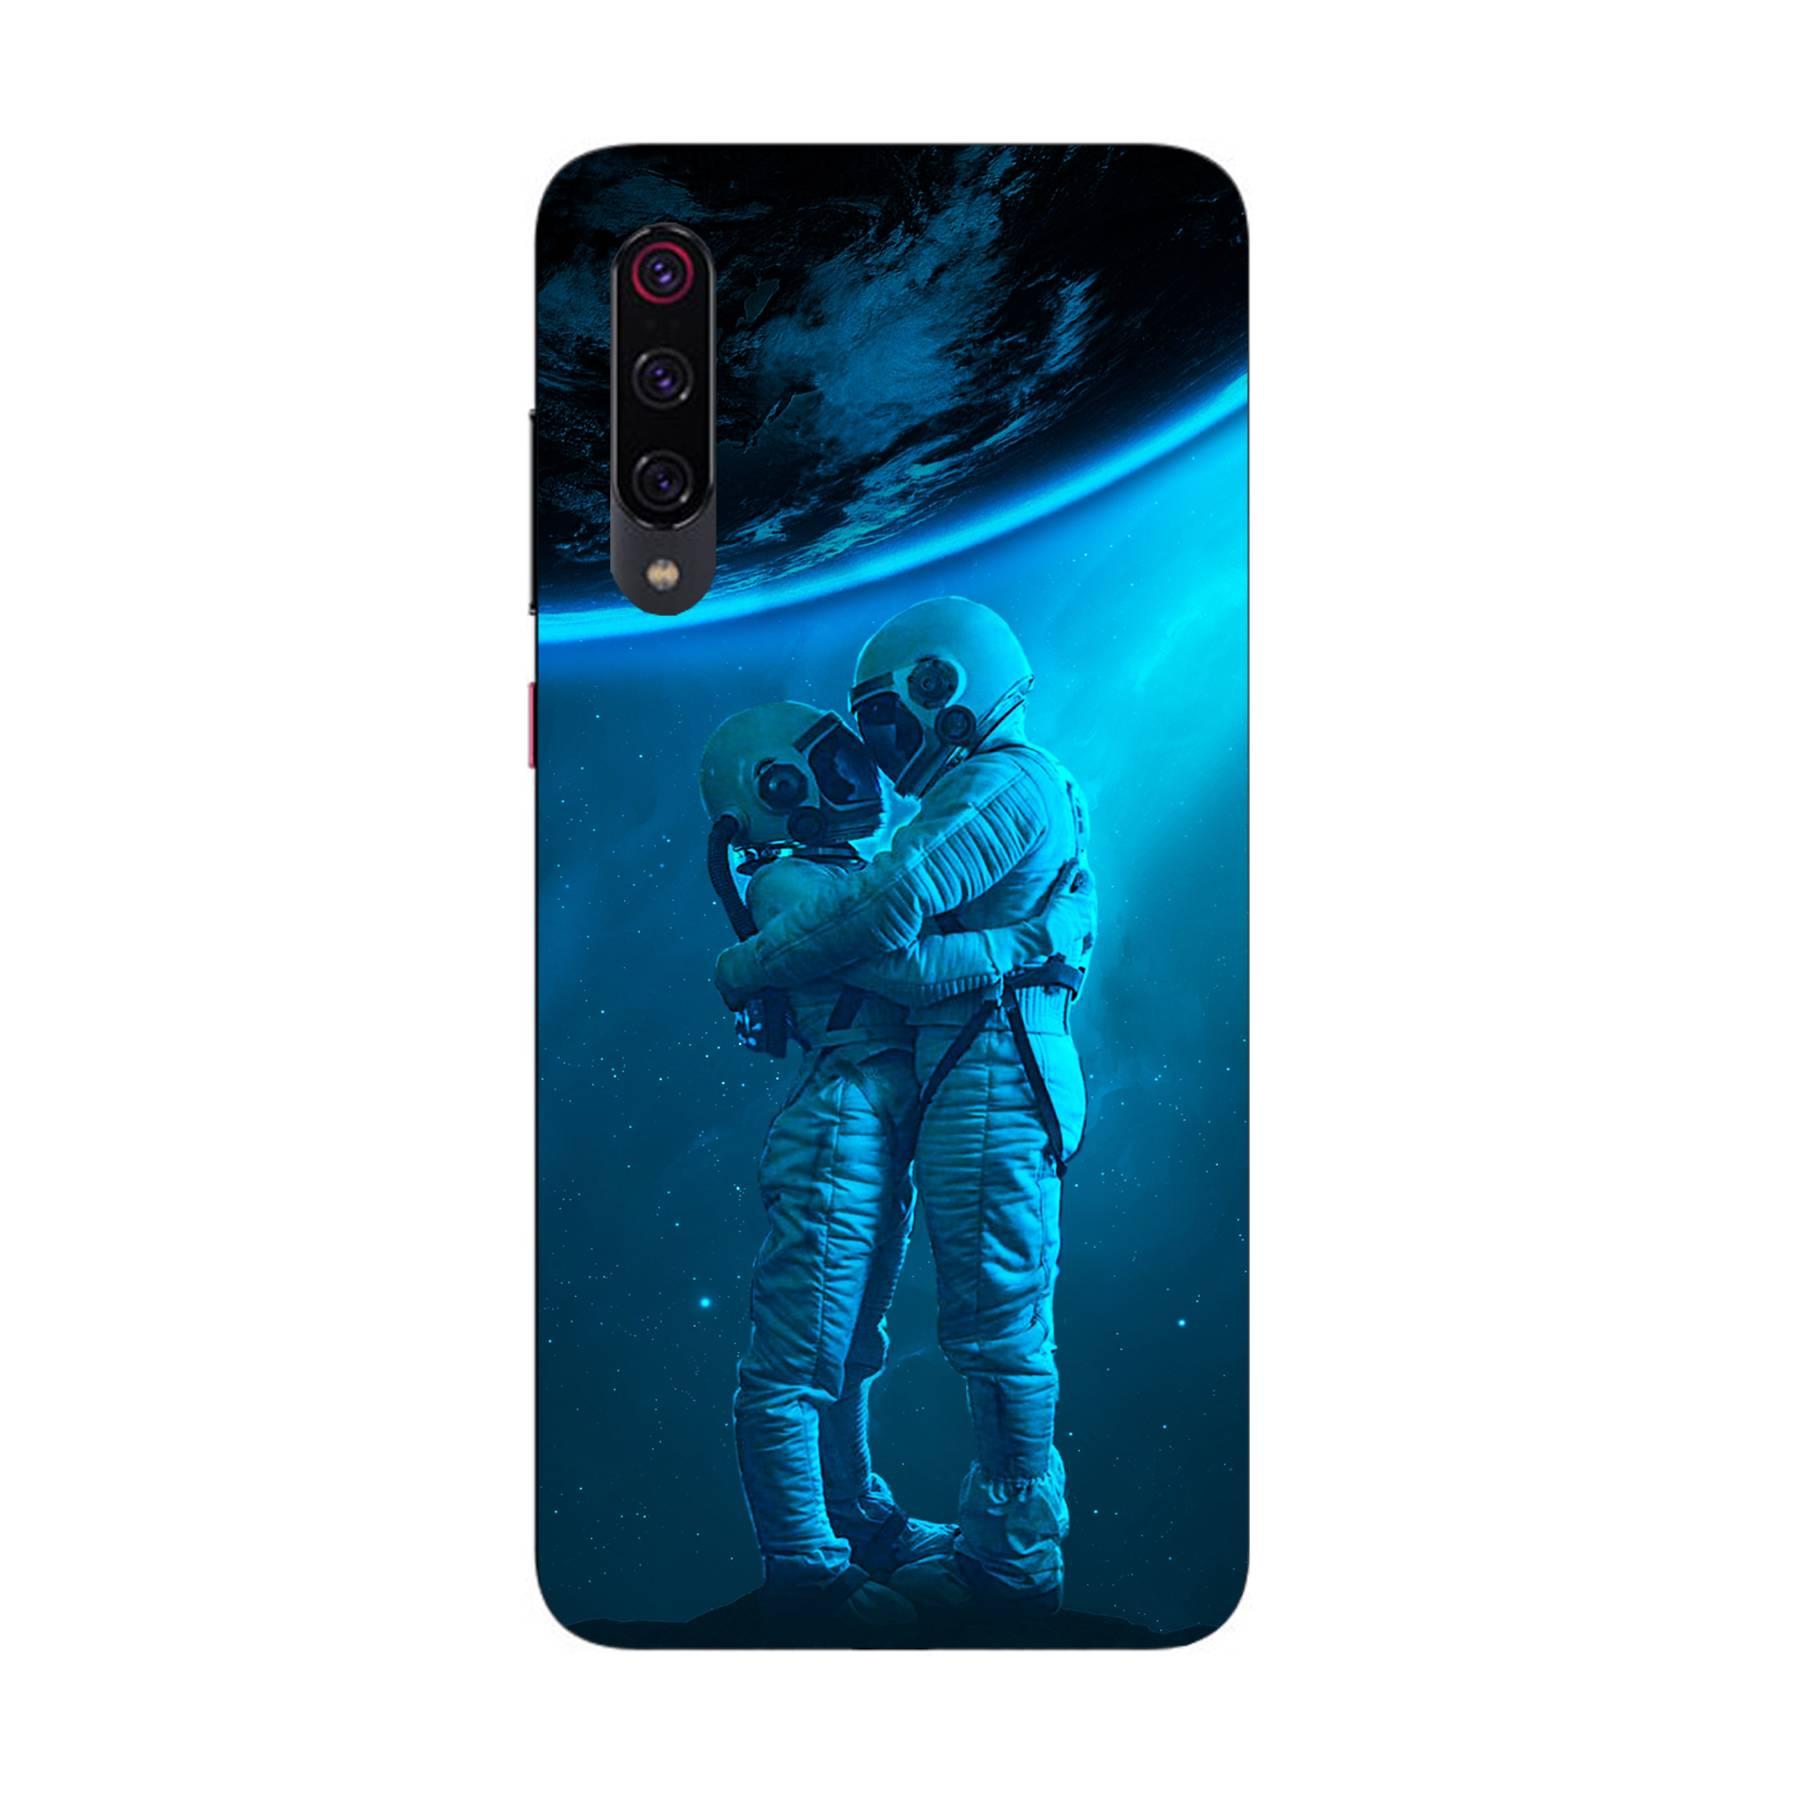 E-pic szilikon védő tok / hátlap - Szerelmes űrhajós pár mintás - Xiaomi Mi 9 Pro